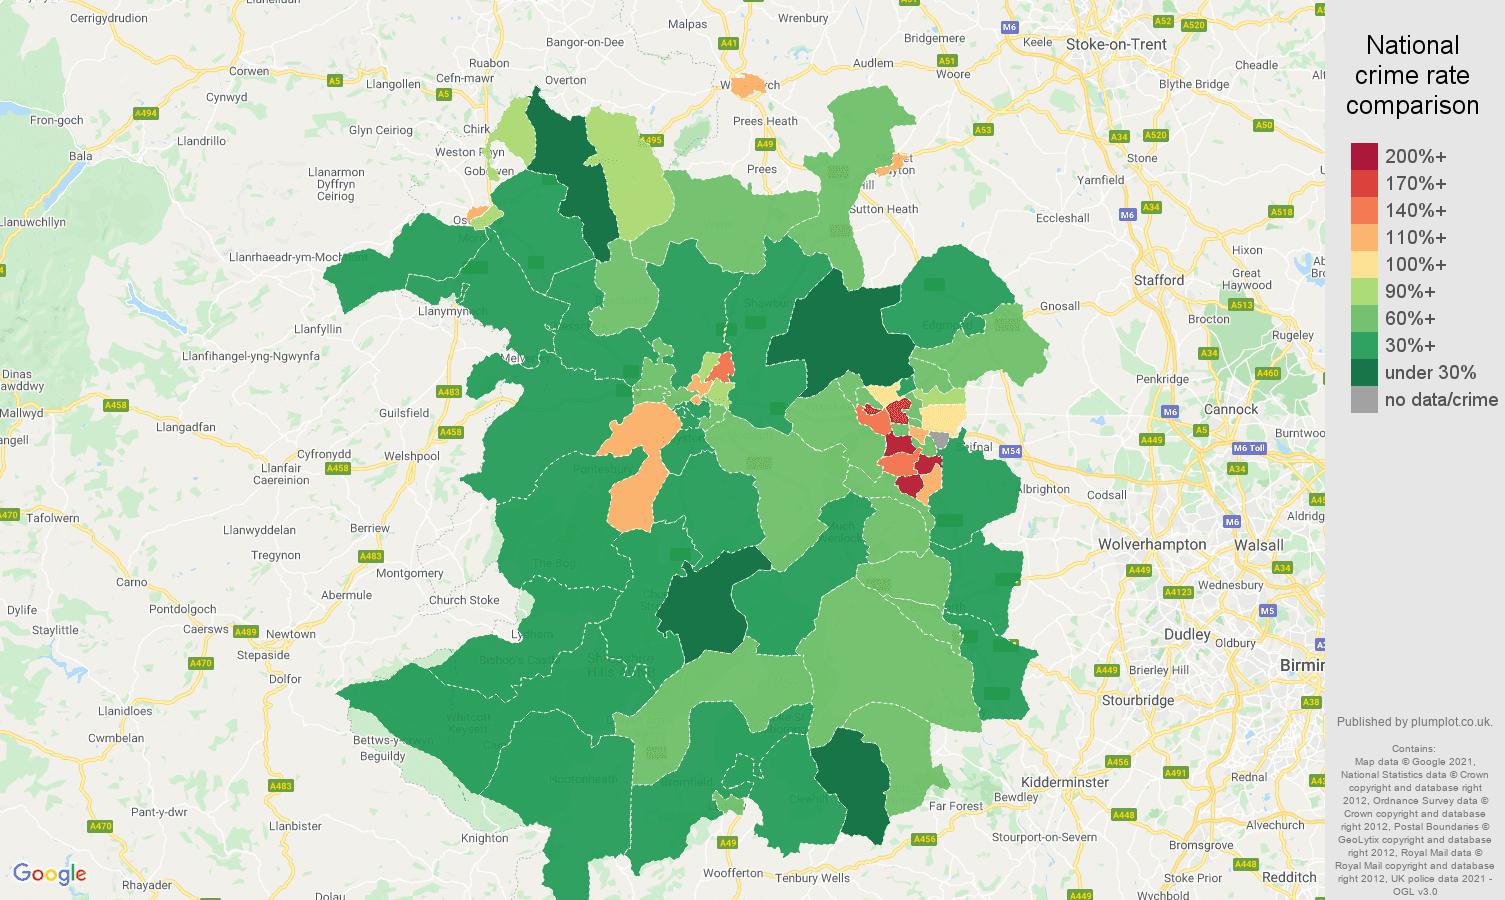 Shropshire violent crime rate comparison map